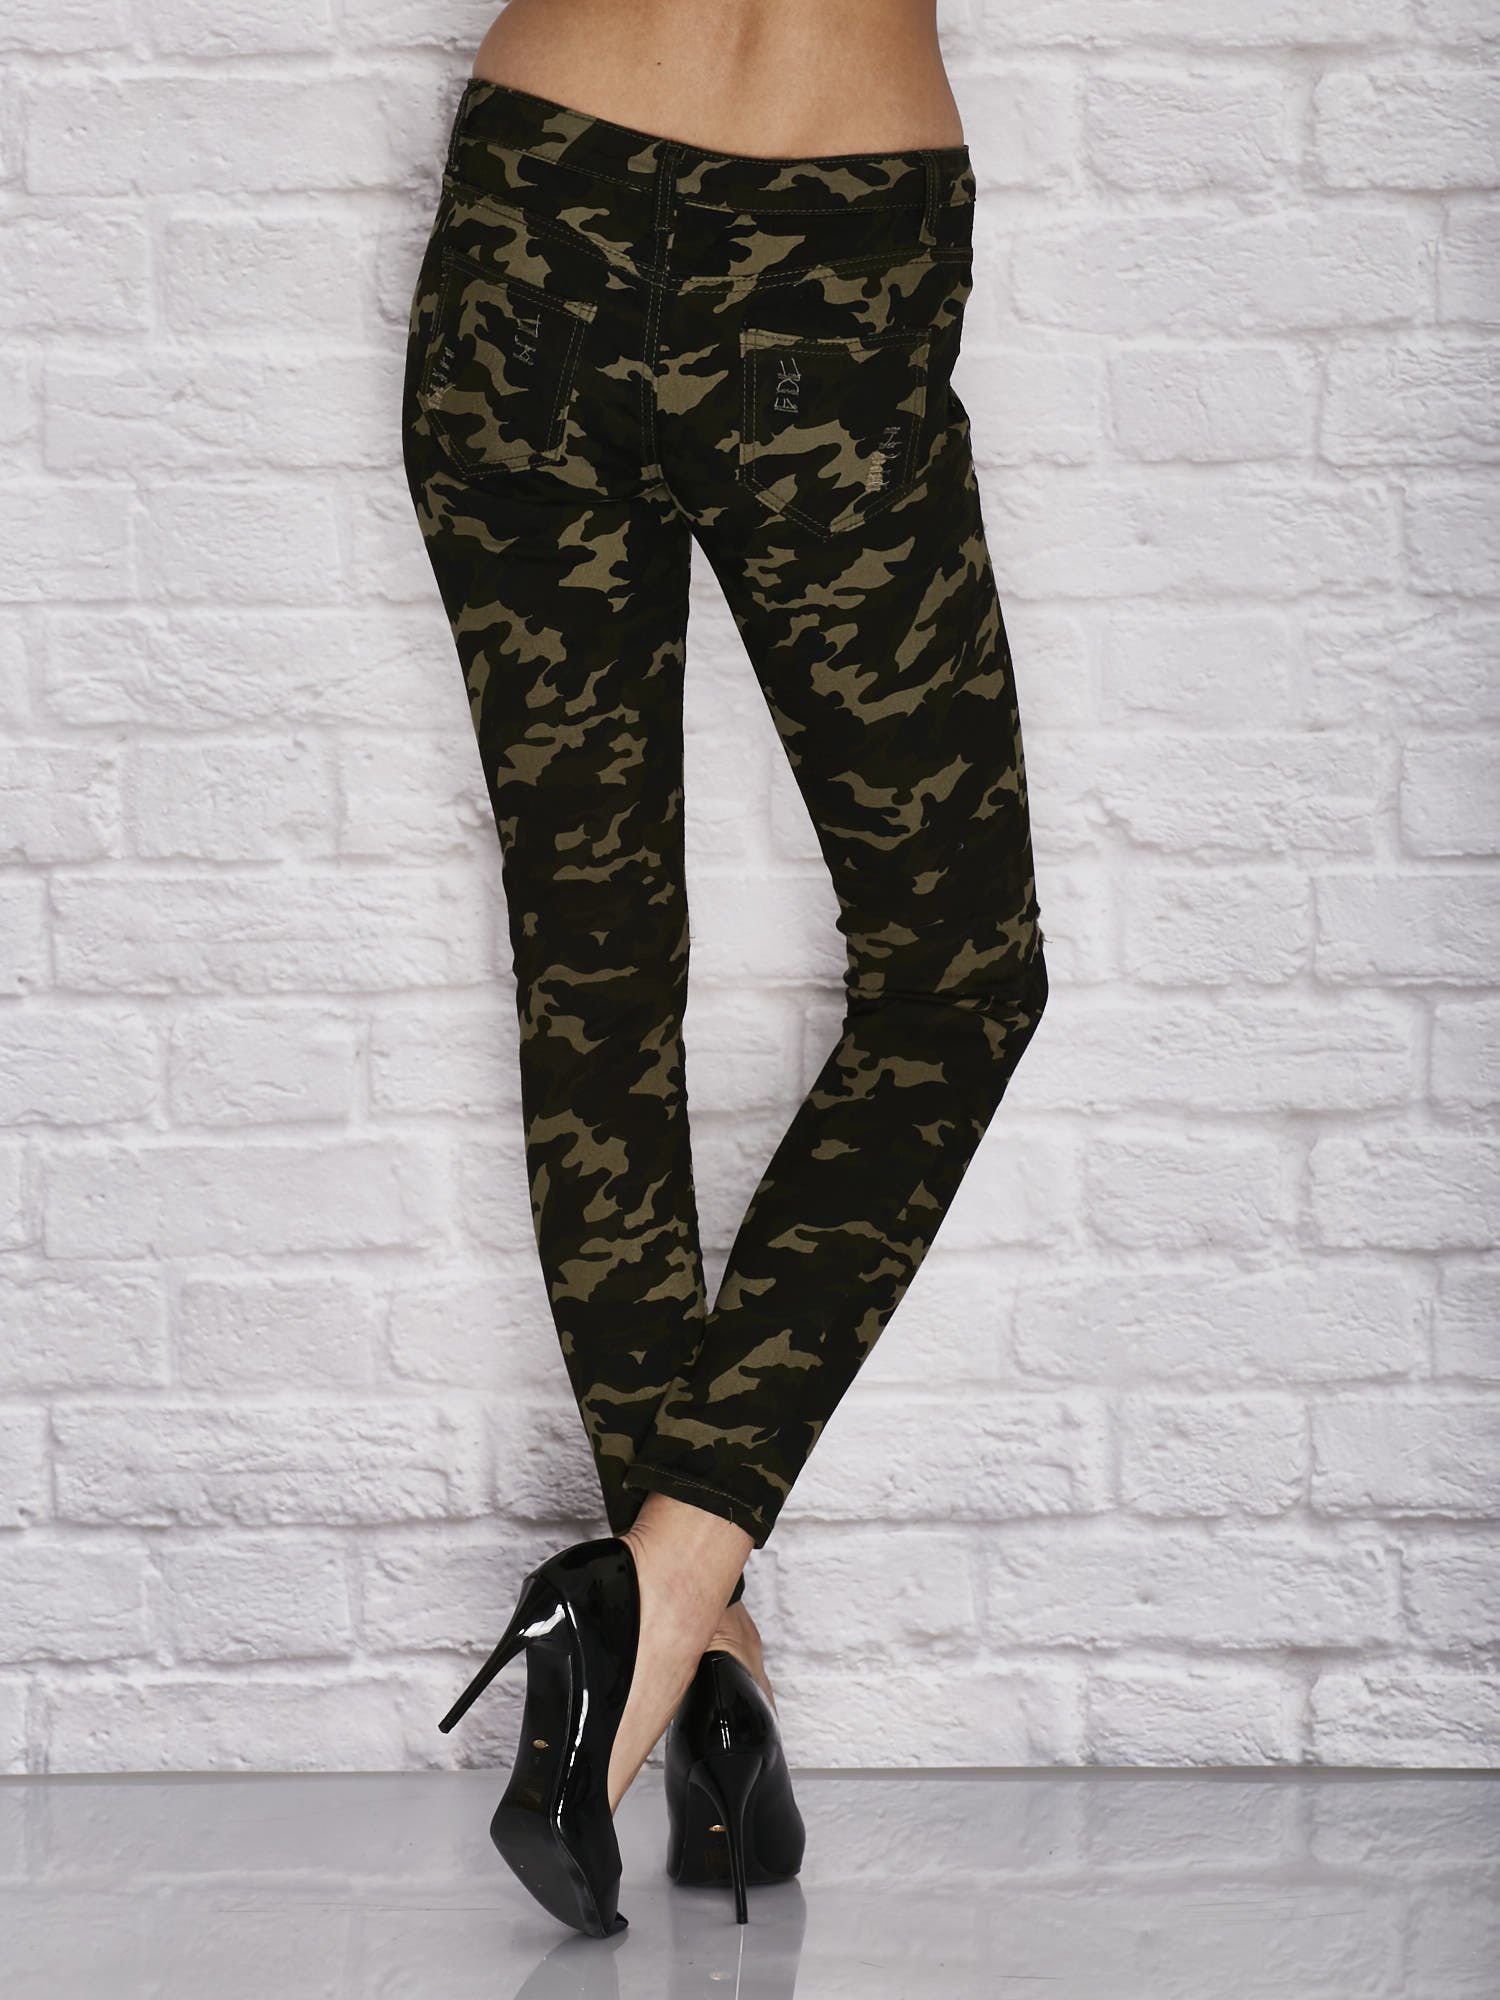 dcc80a59 Spodnie damskie rurki w moro wzór z dziurami i ćwiekami zielone